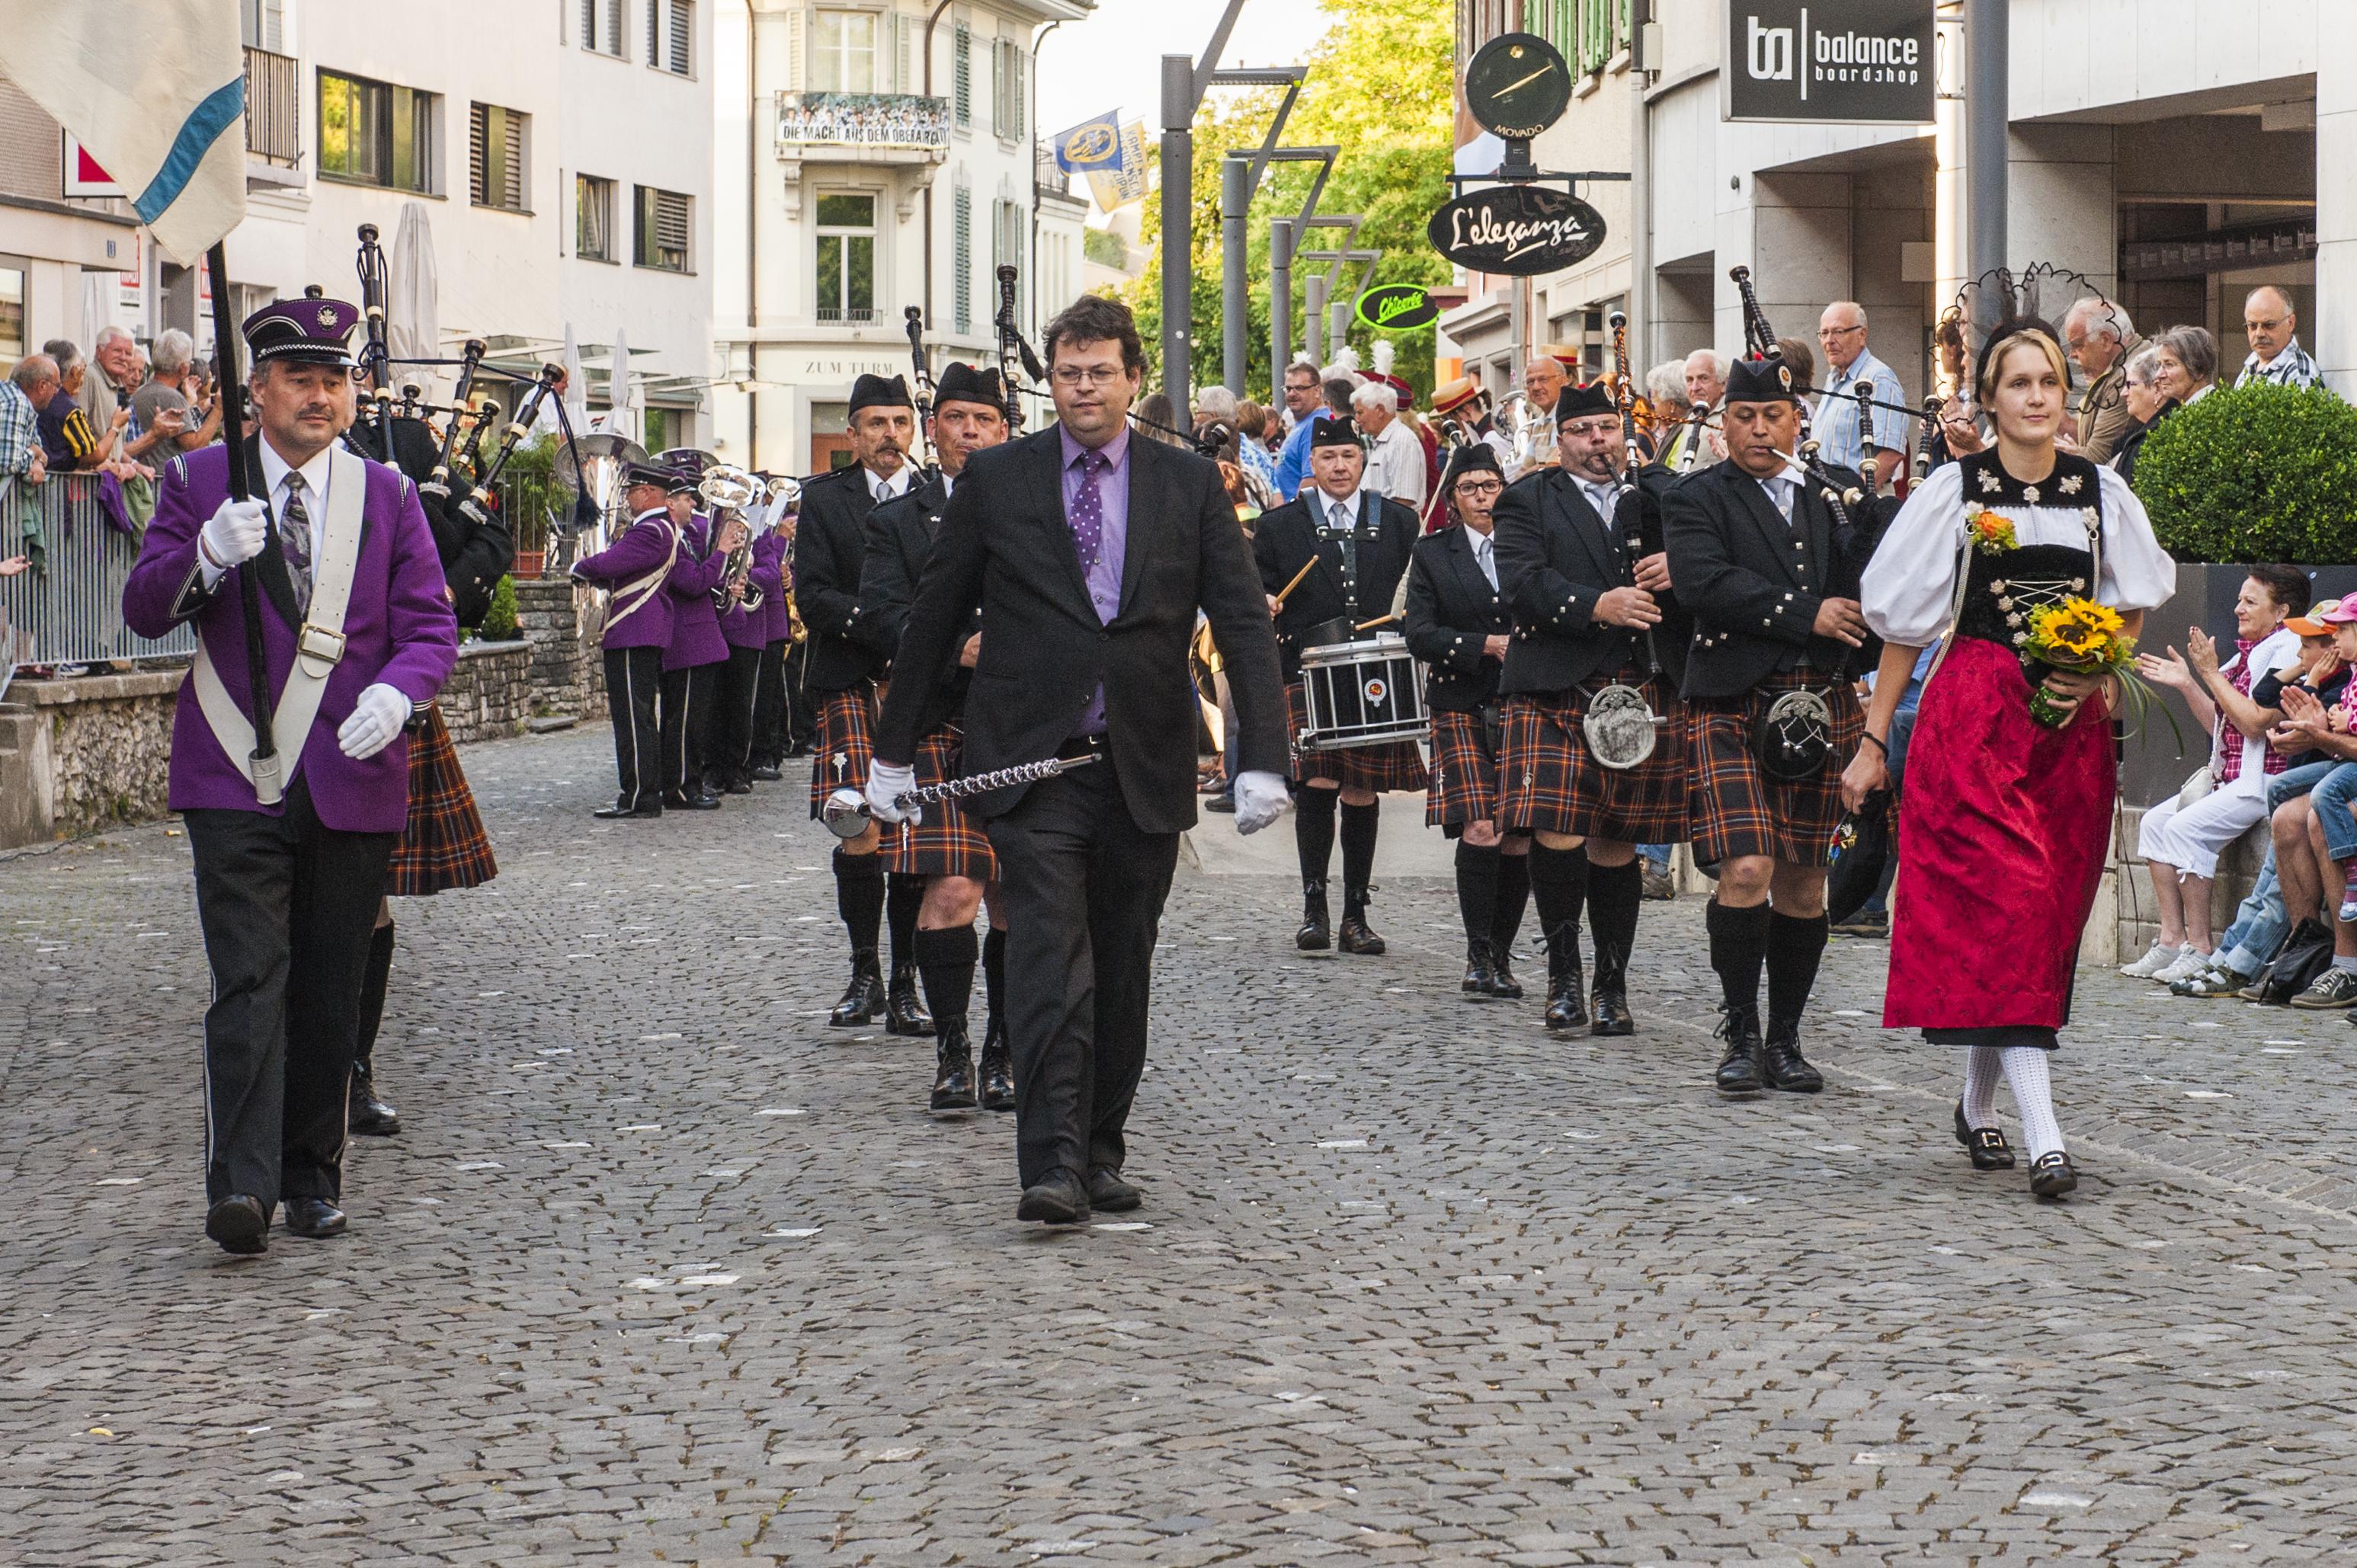 Marschmusik Parade in L'Thal mit MG Inkwil